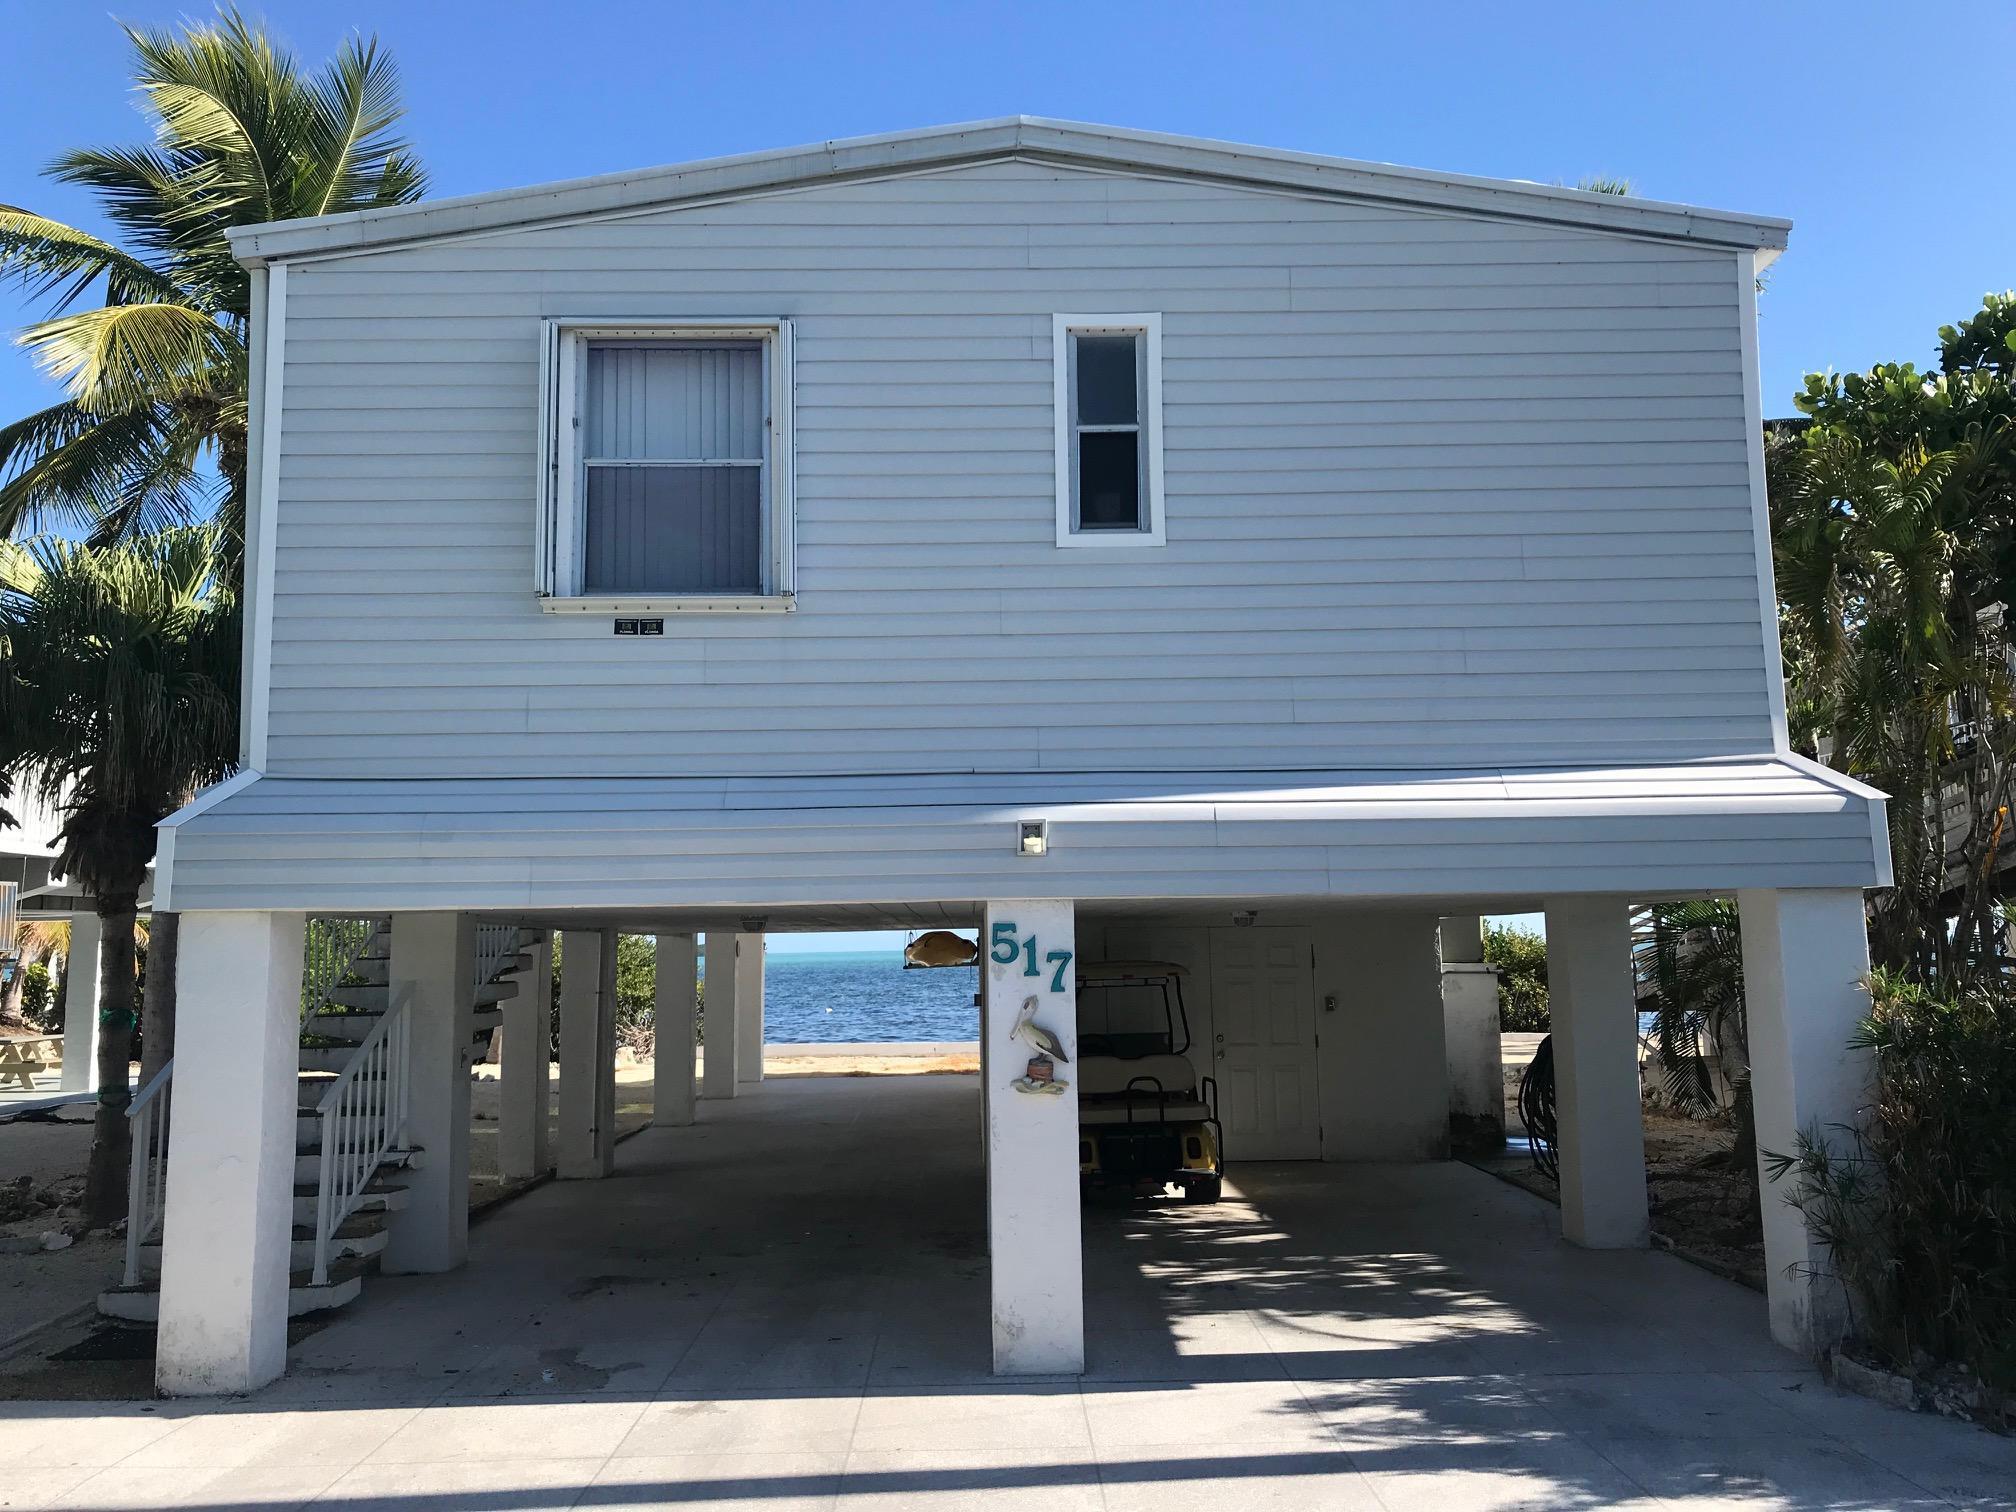 marathon mobile homes fl keys real estate islamorada marathon rh marathonfloridakeysrealestate com Mobile Home Dealers in Tampa Florida Best Mobile Home Dealers in Florida